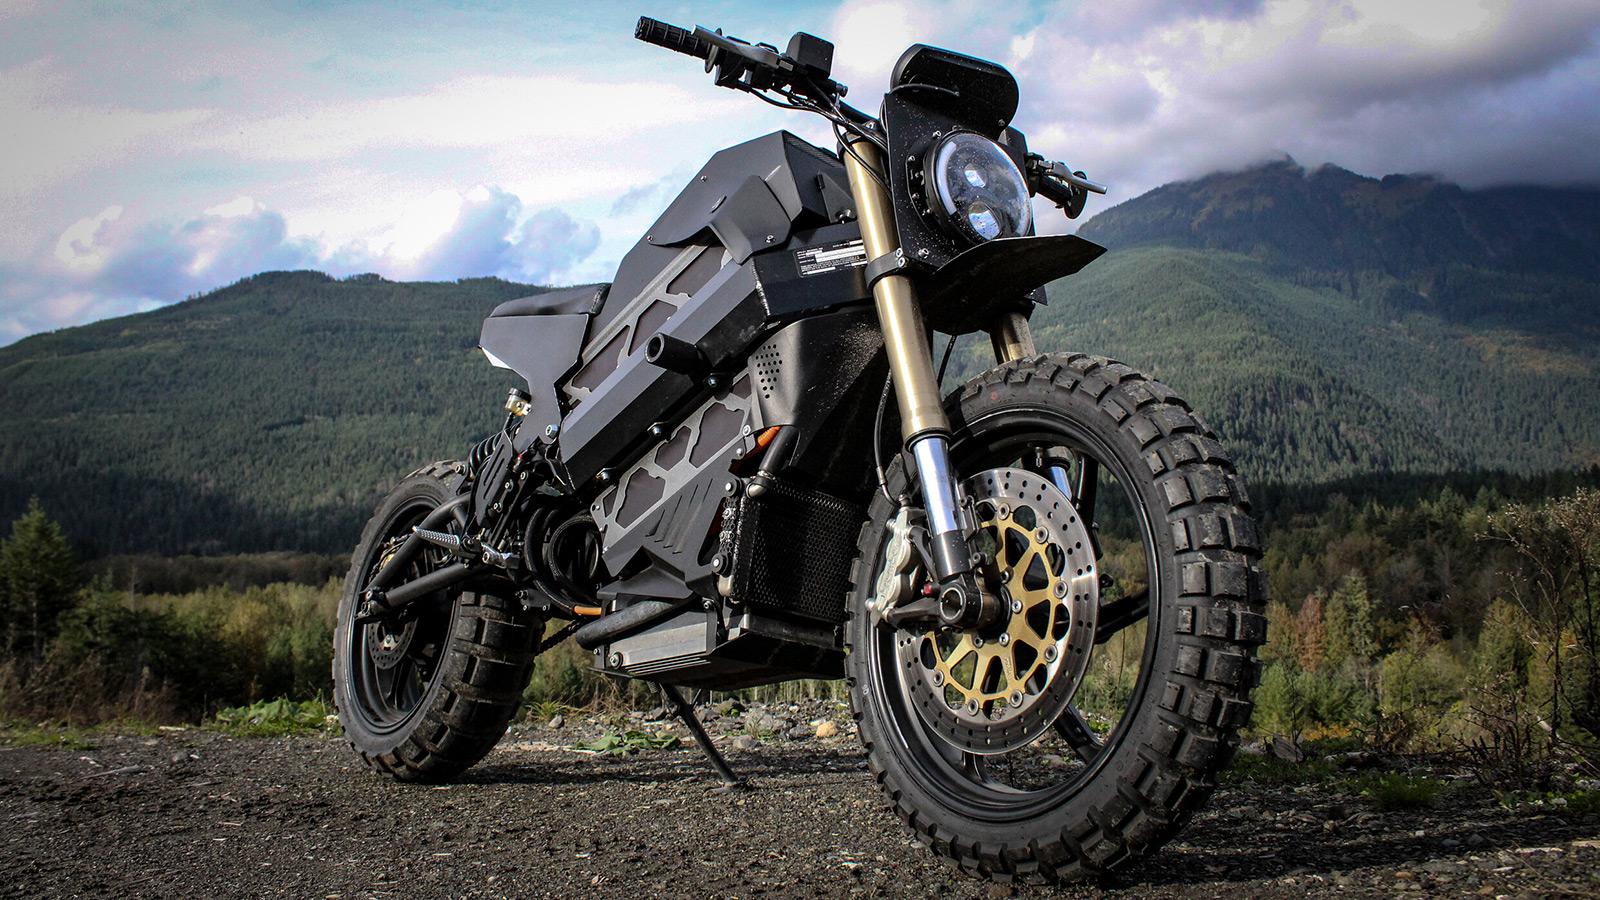 Droog Moto E-Scrambler